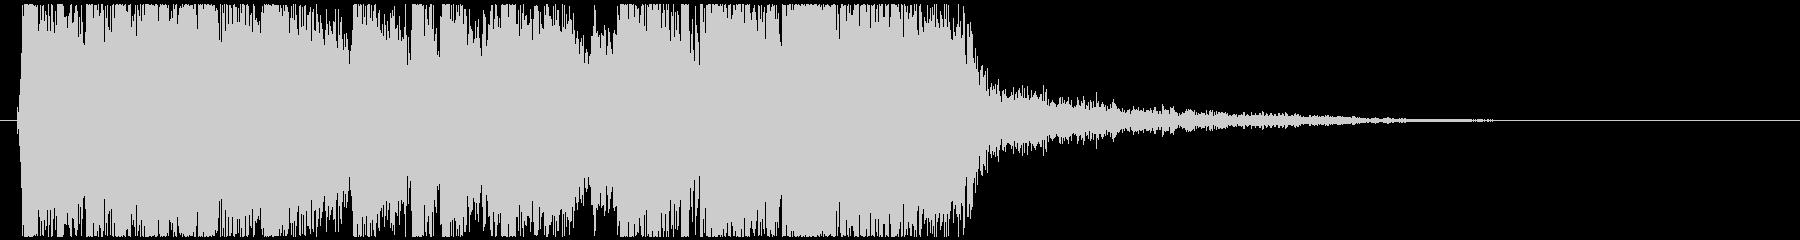 エレキ(ストラト)を使ったロックジングルの未再生の波形